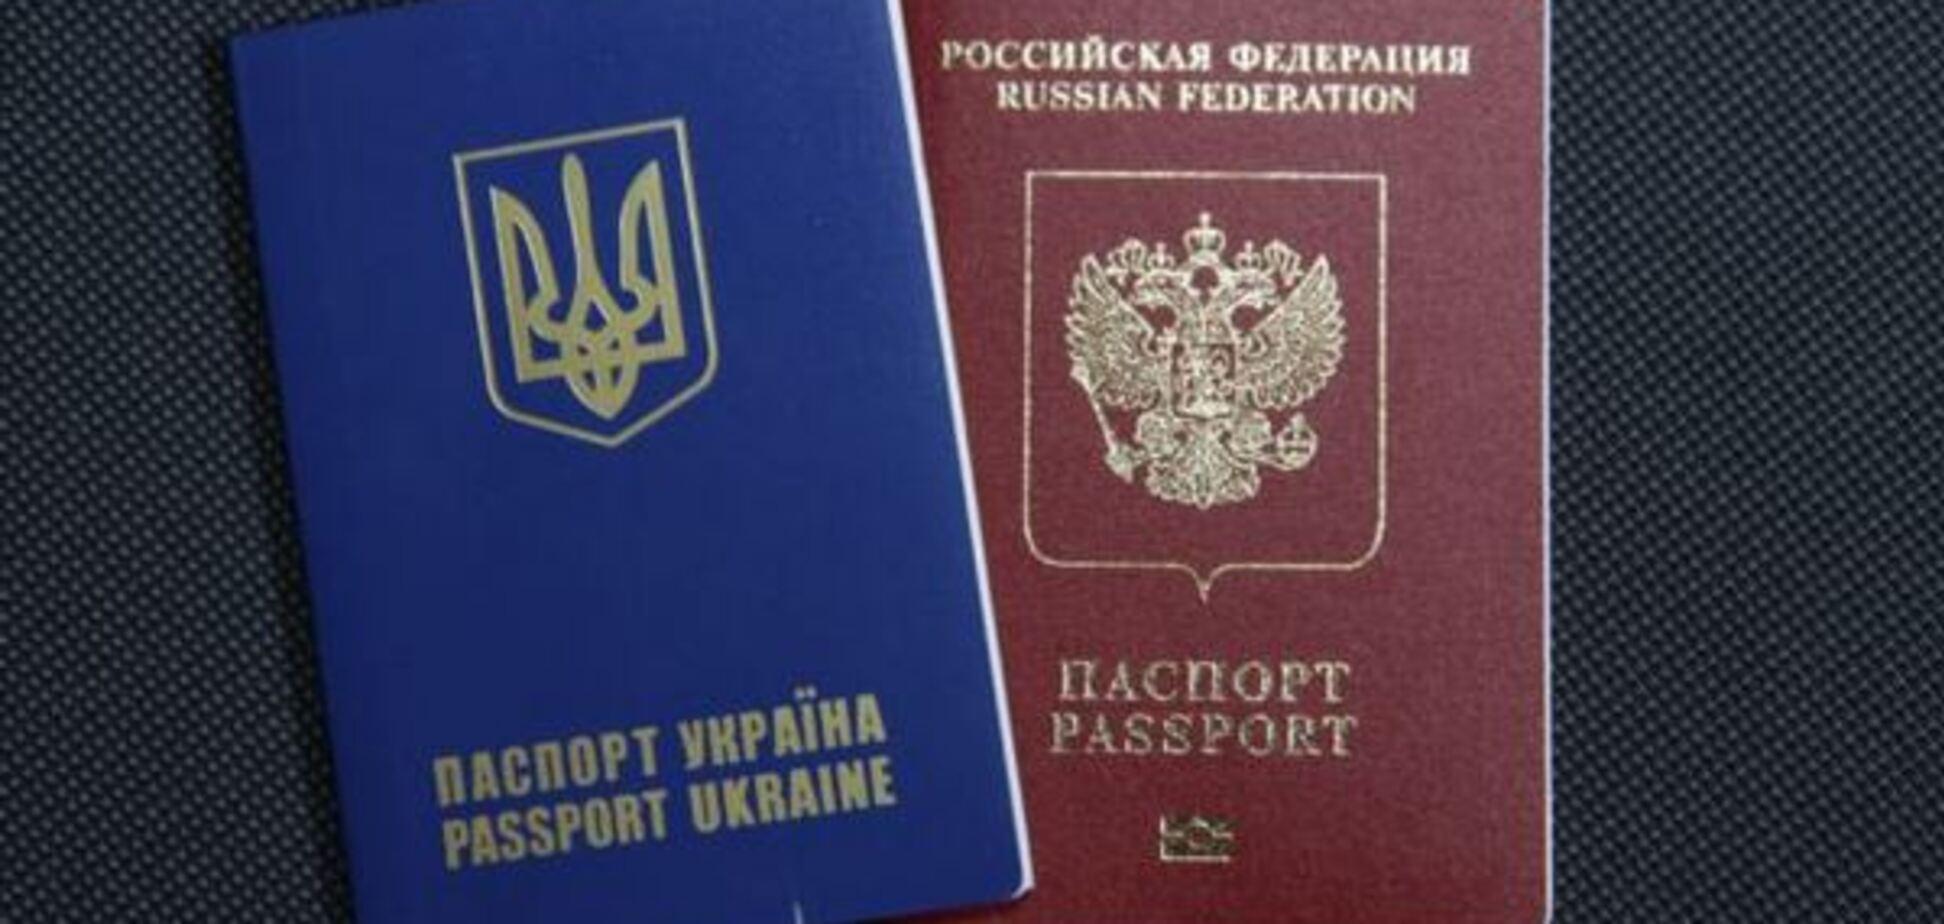 'Это все свои люди': в России придумали новый способ 'защиты русских' в Украине